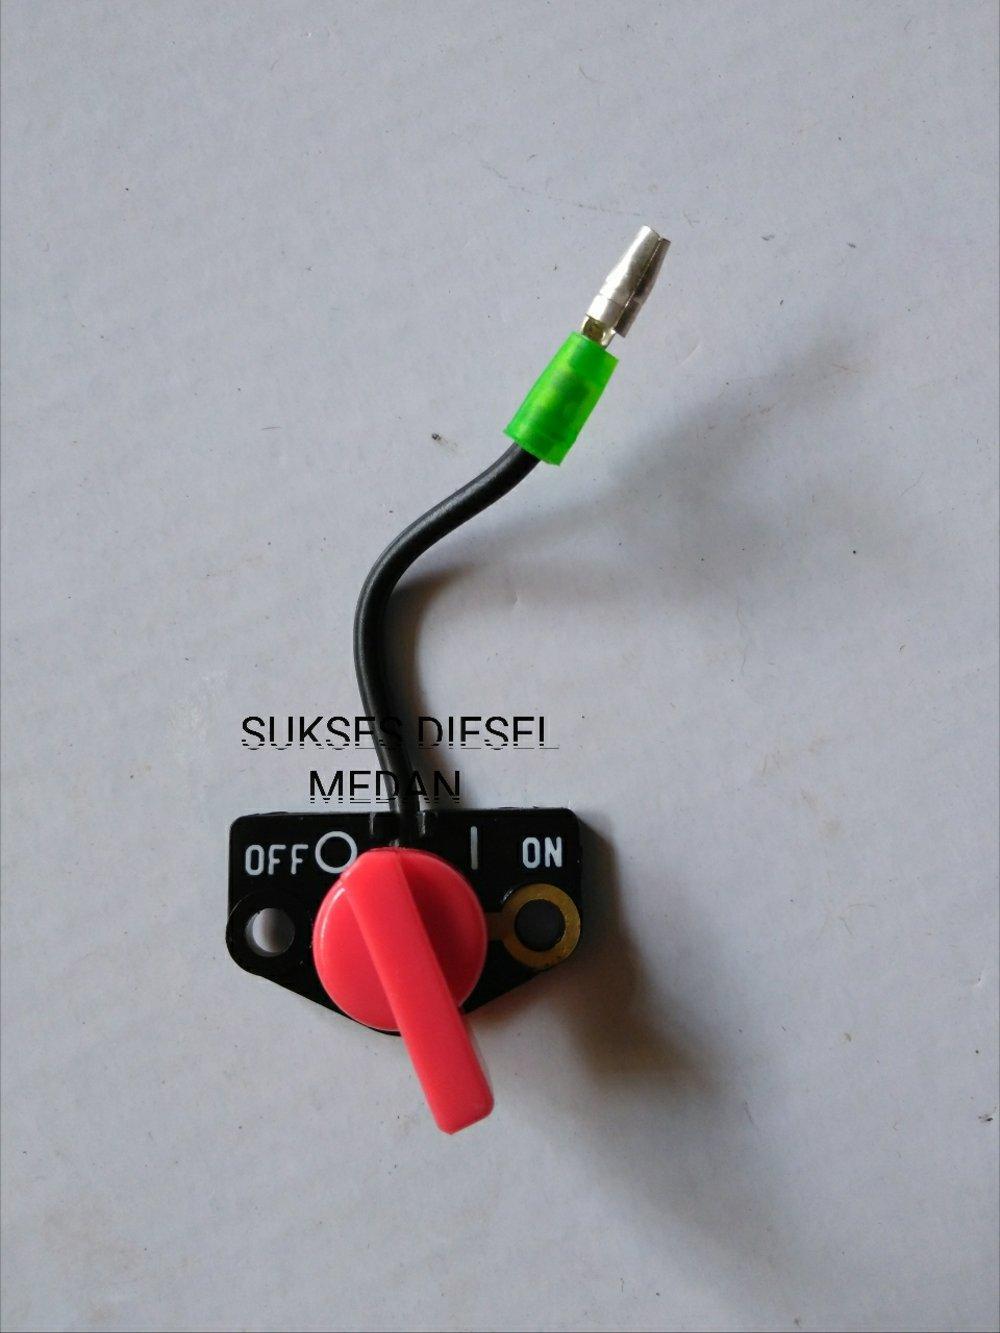 Cek Harga Baru Eelic Sar 105 6 Pcs Saklar On Off Gantung Seri Lampu Stang Sepeda Motor Universal Switch Mesin Bensin Robin Ey15 Ey20